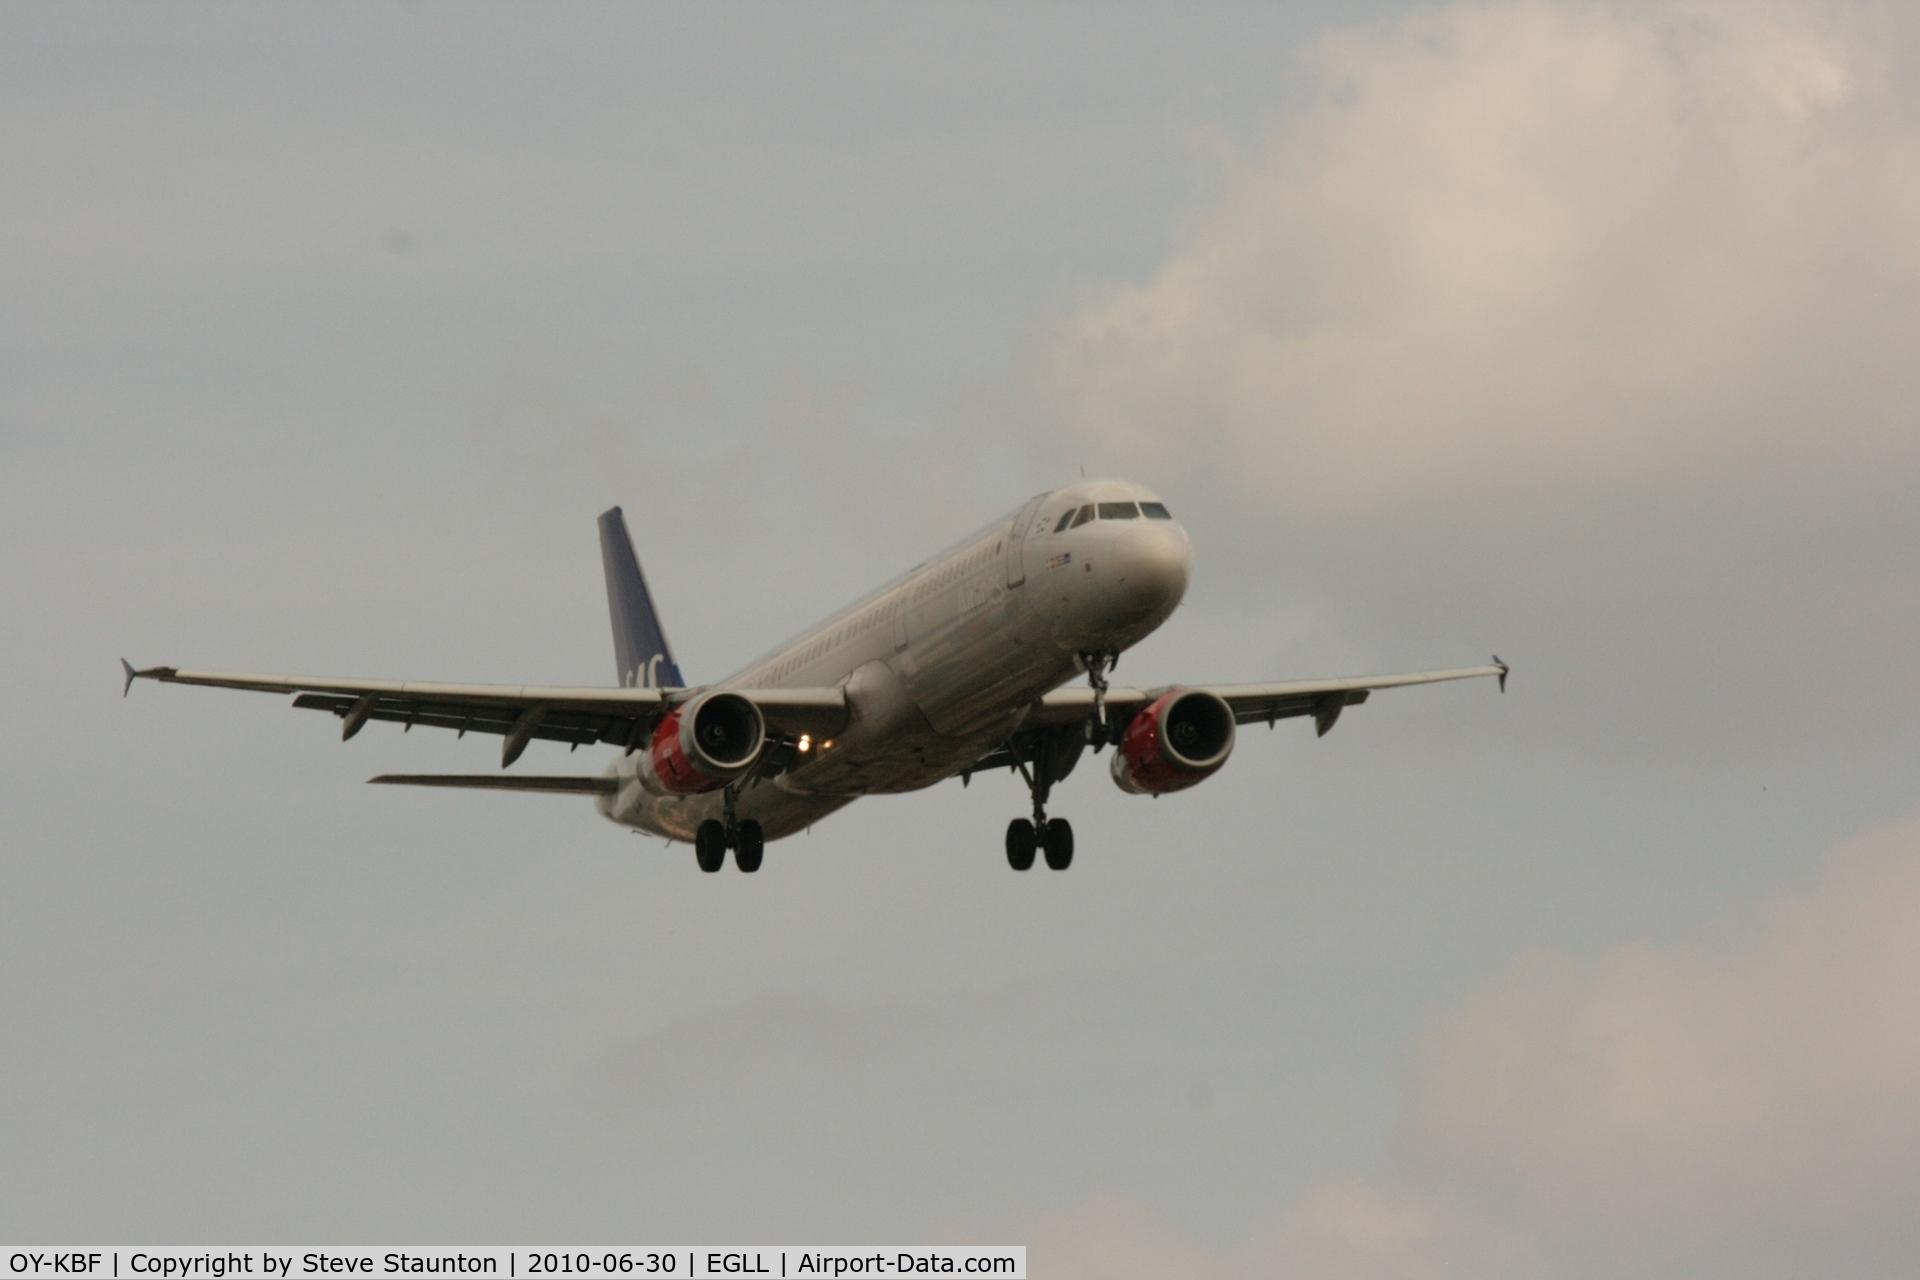 OY-KBF, 2002 Airbus A321-232 C/N 1807, Taken at Heathrow Airport, June 2010